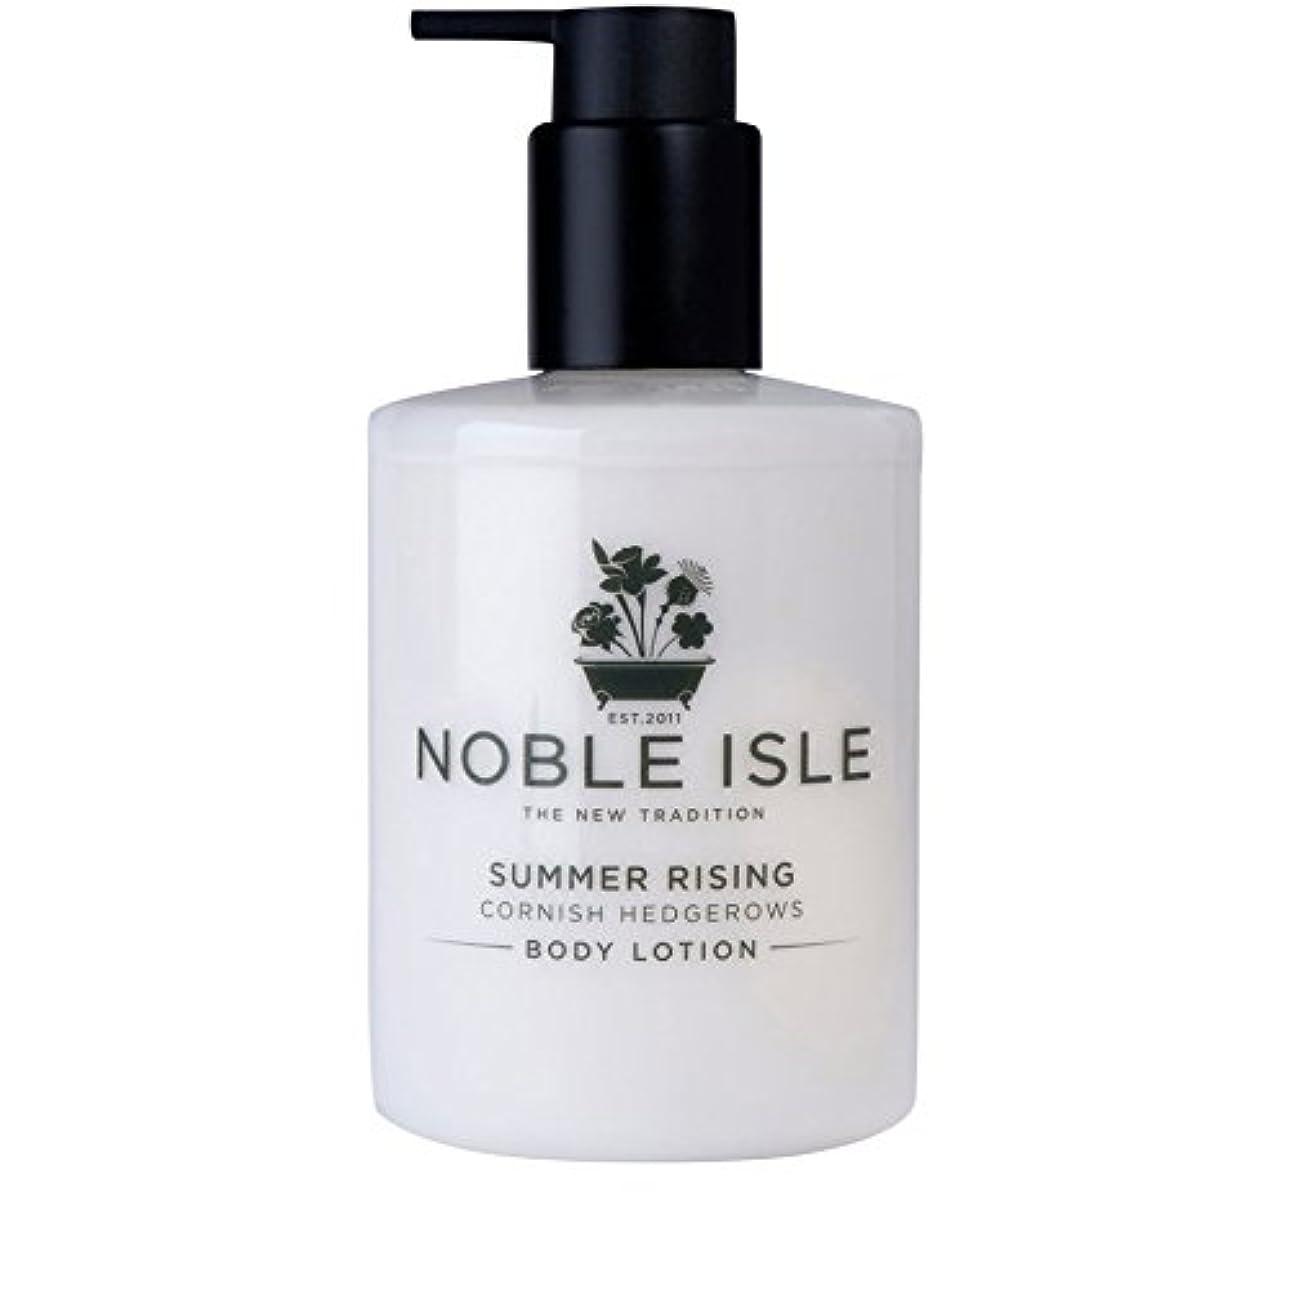 リラックス目の前の既婚コーニッシュ生け垣ボディローション250ミリリットルを上昇高貴な島の夏 x2 - Noble Isle Summer Rising Cornish Hedgerows Body Lotion 250ml (Pack of...